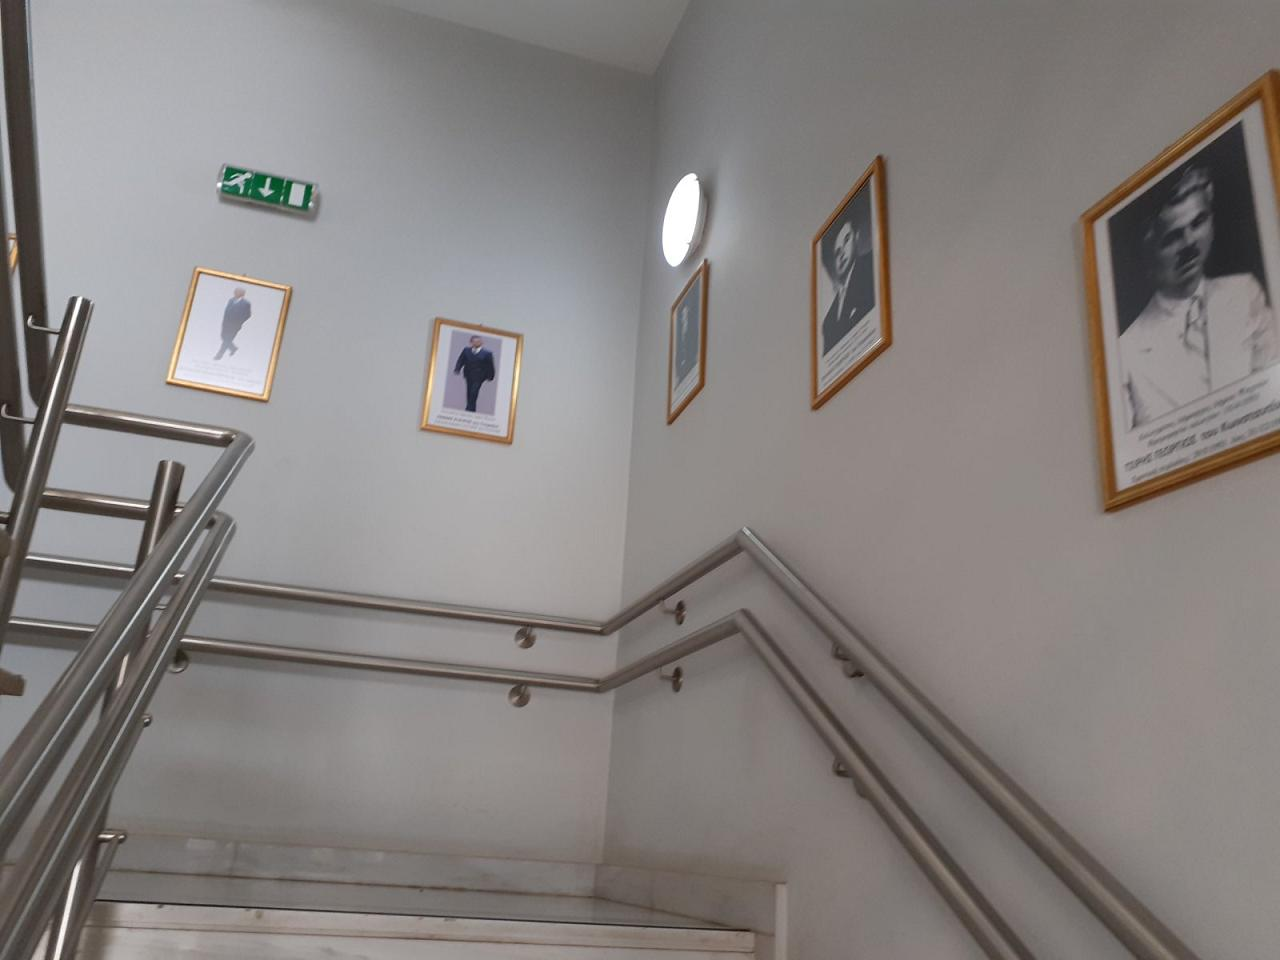 Κάδρα με φωτογραφίες όλων των Δημάρχων από το 1949 μέχρι και το 2014 τοποθέτησε ο Δήμαρχος Γιώργος Ψαθάς στις σκάλες του Δημαρχείου (φωτογραφίες) 3 2